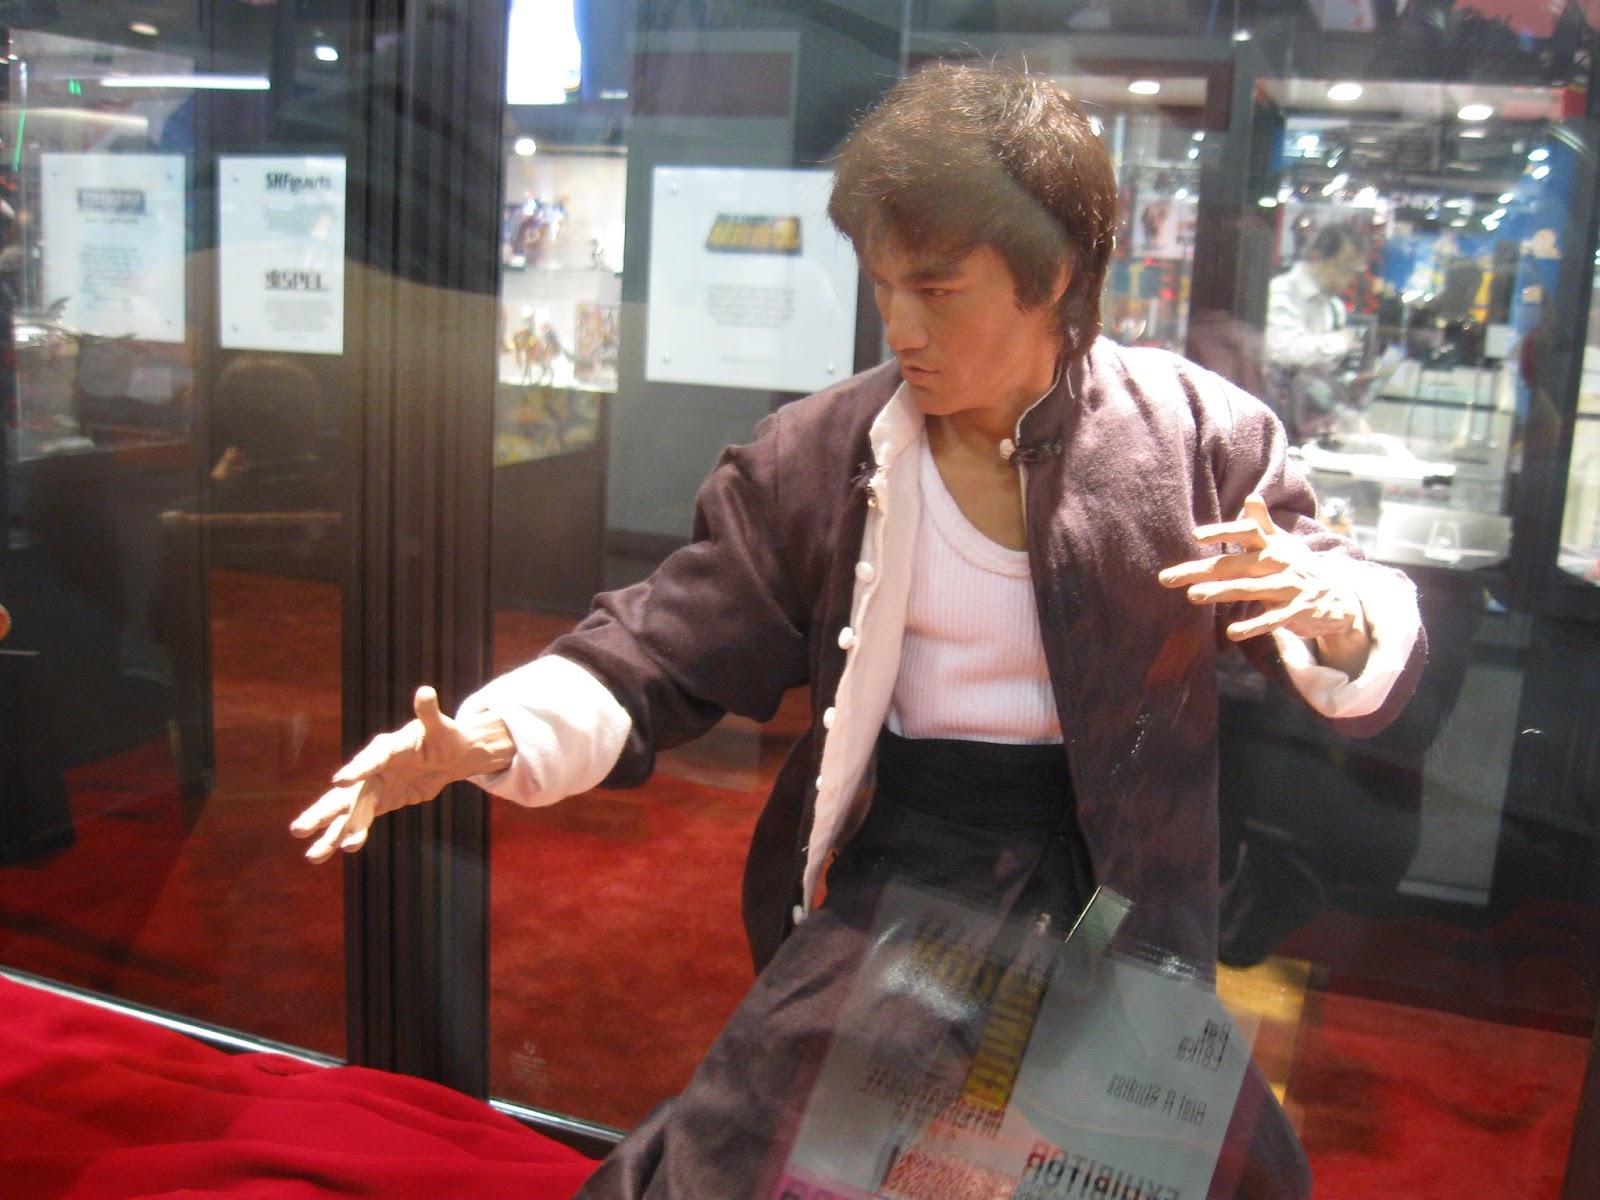 Não parece, mas até poderia ser uma estátua de Bruce Lee no museu de cera de Londres